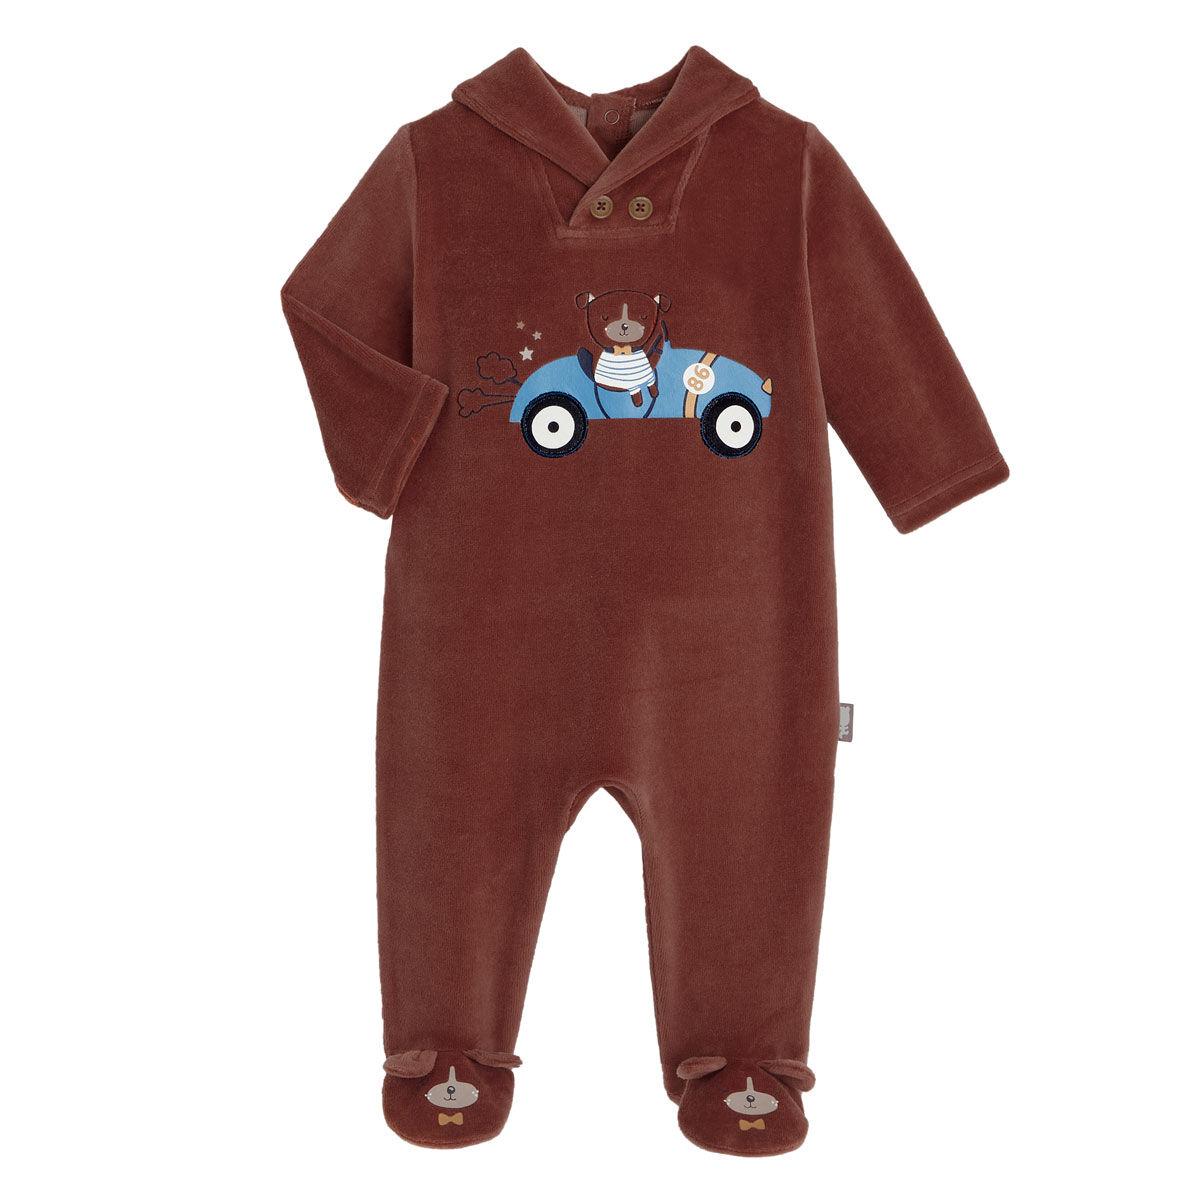 Petit Béguin Pyjama bébé en velours Dandy Dog - Taille - 6 mois